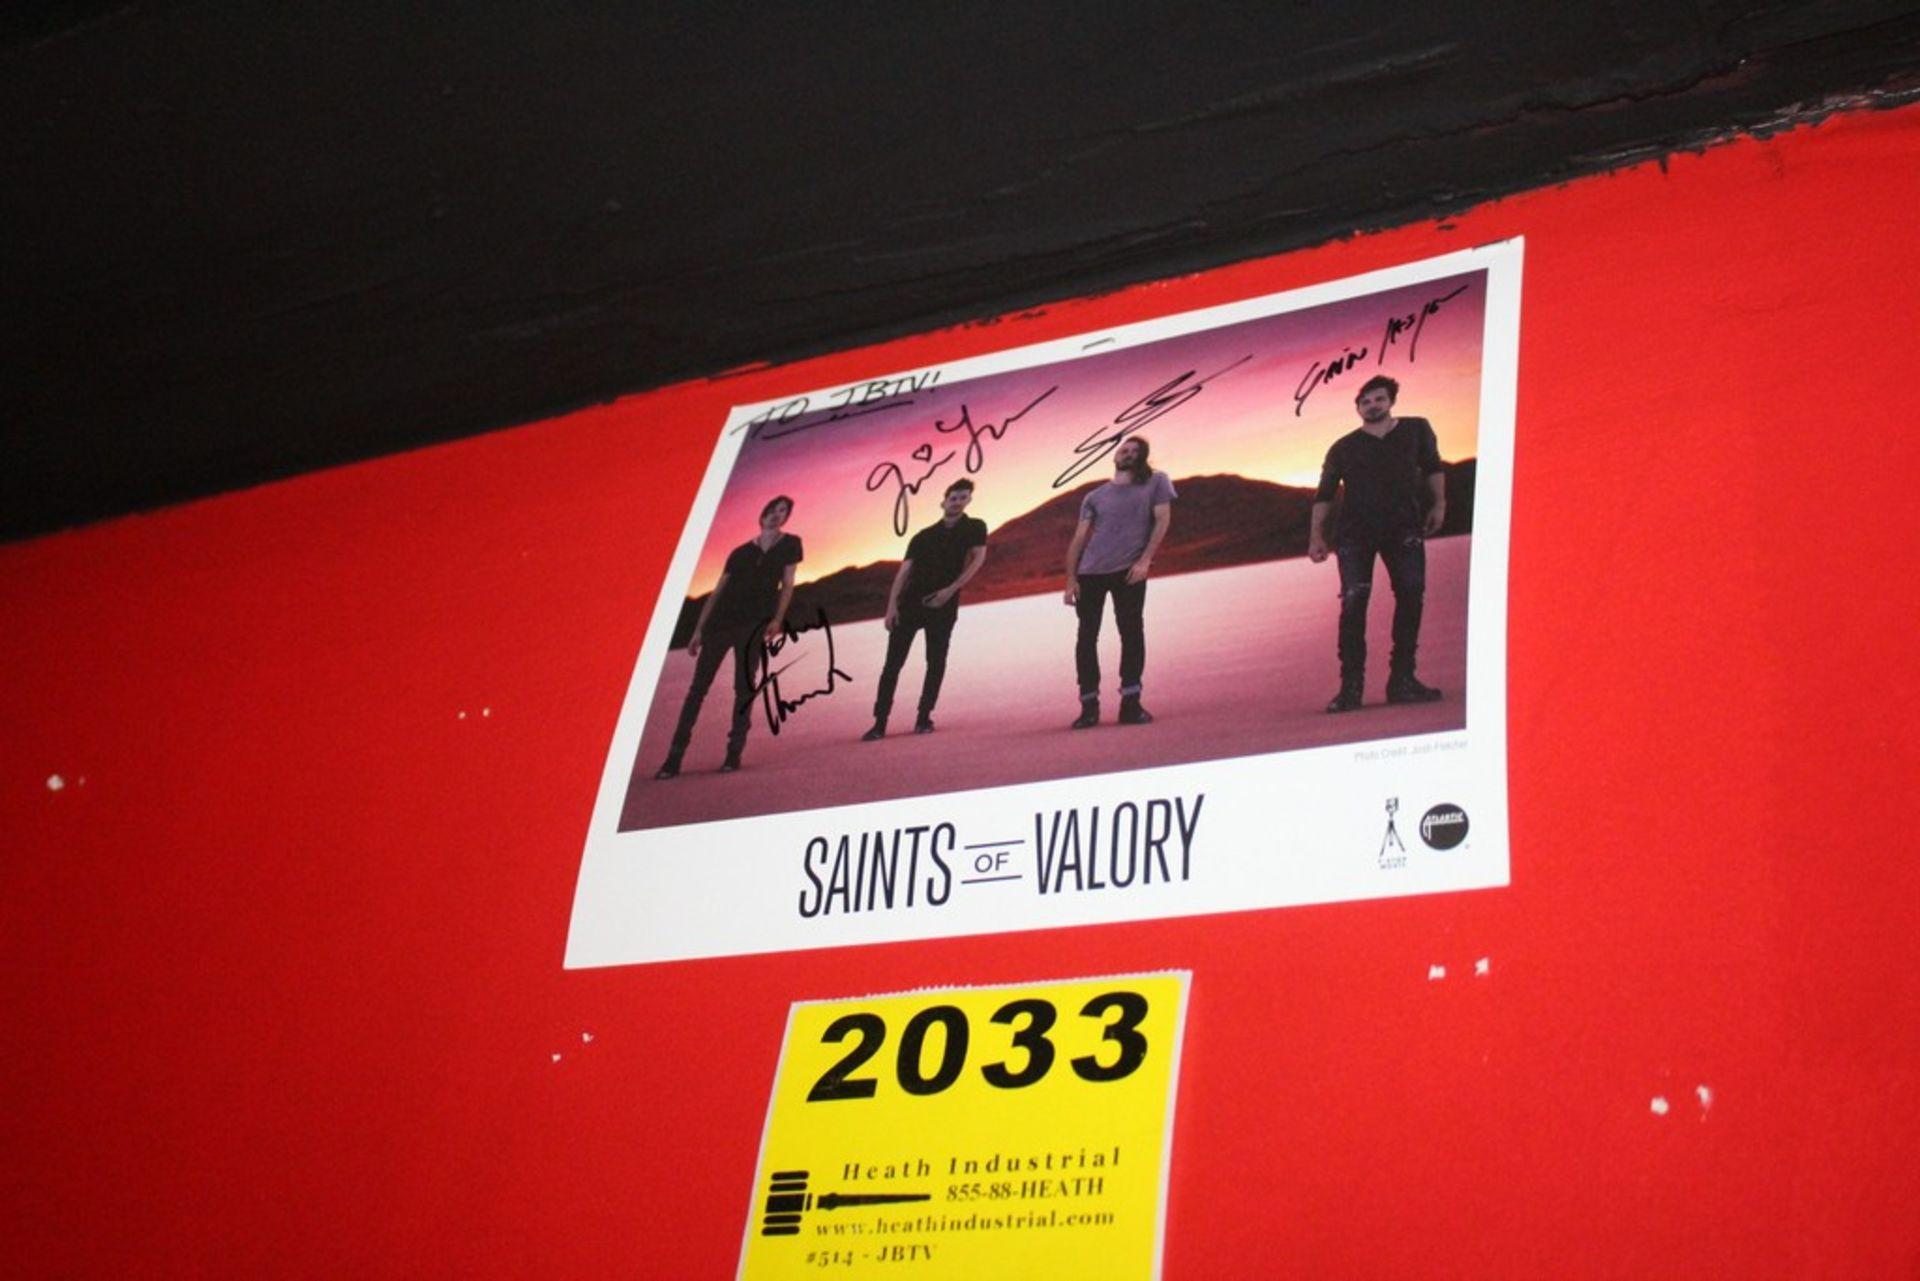 Lot 2033 - Saints of Valory Signed Photo